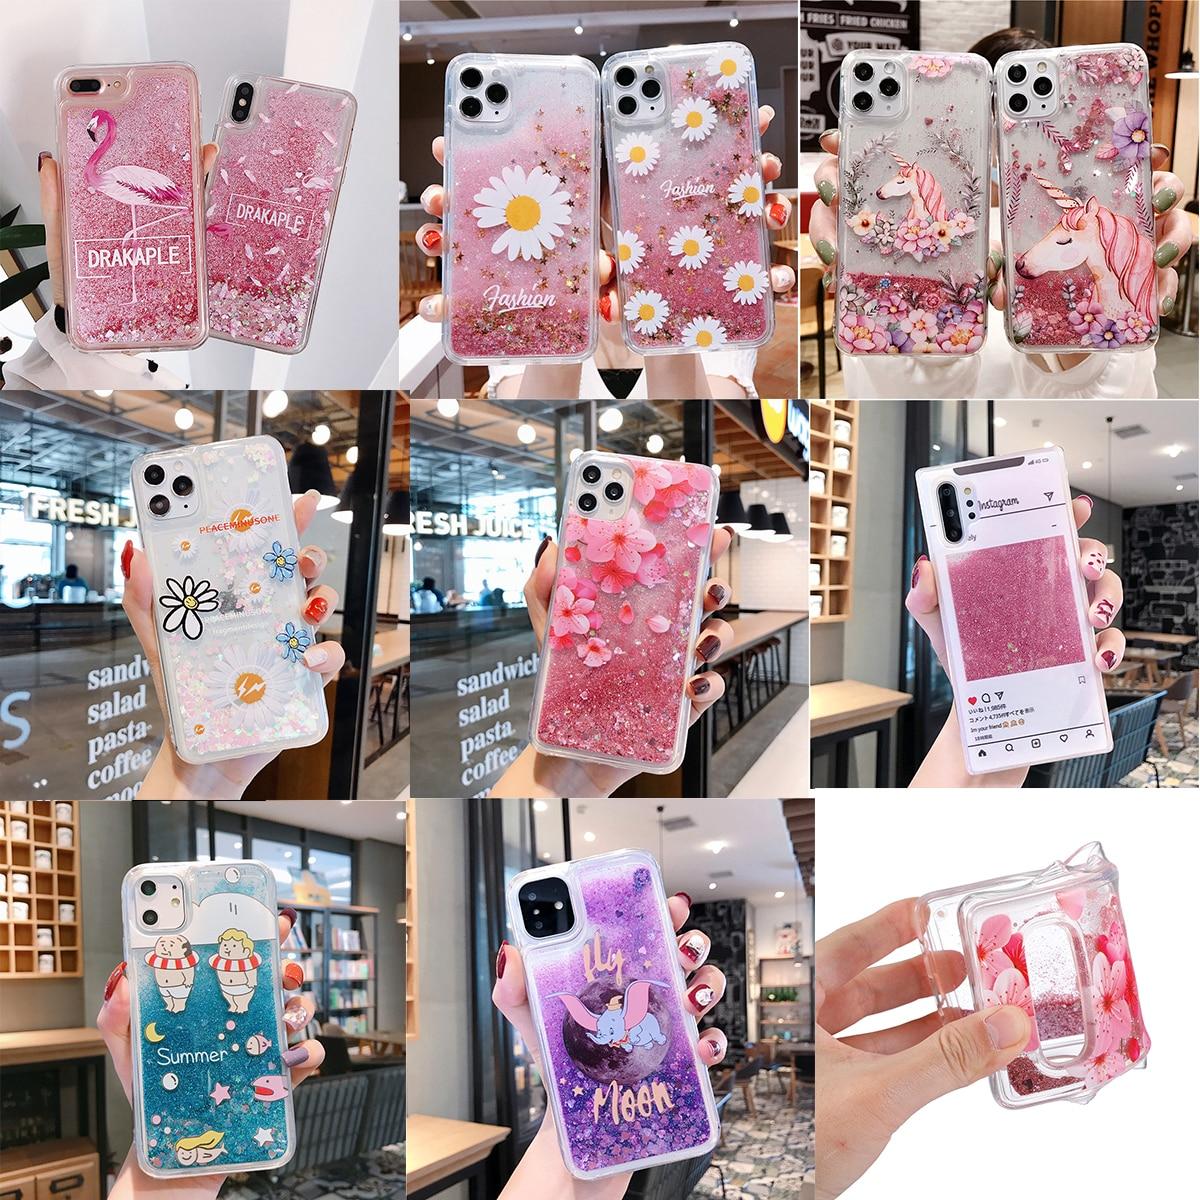 Блестящий Жидкий чехол для телефона Xiaomi Redmi NOTE 4, 4X, 5, 5A Prime, 6, 7, 8 Pro, 8T, Y1 Lite, S2, мягкий чехол с цветочным рисунком, единорог, фламинго|Чехлы-накладки|   | АлиЭкспресс